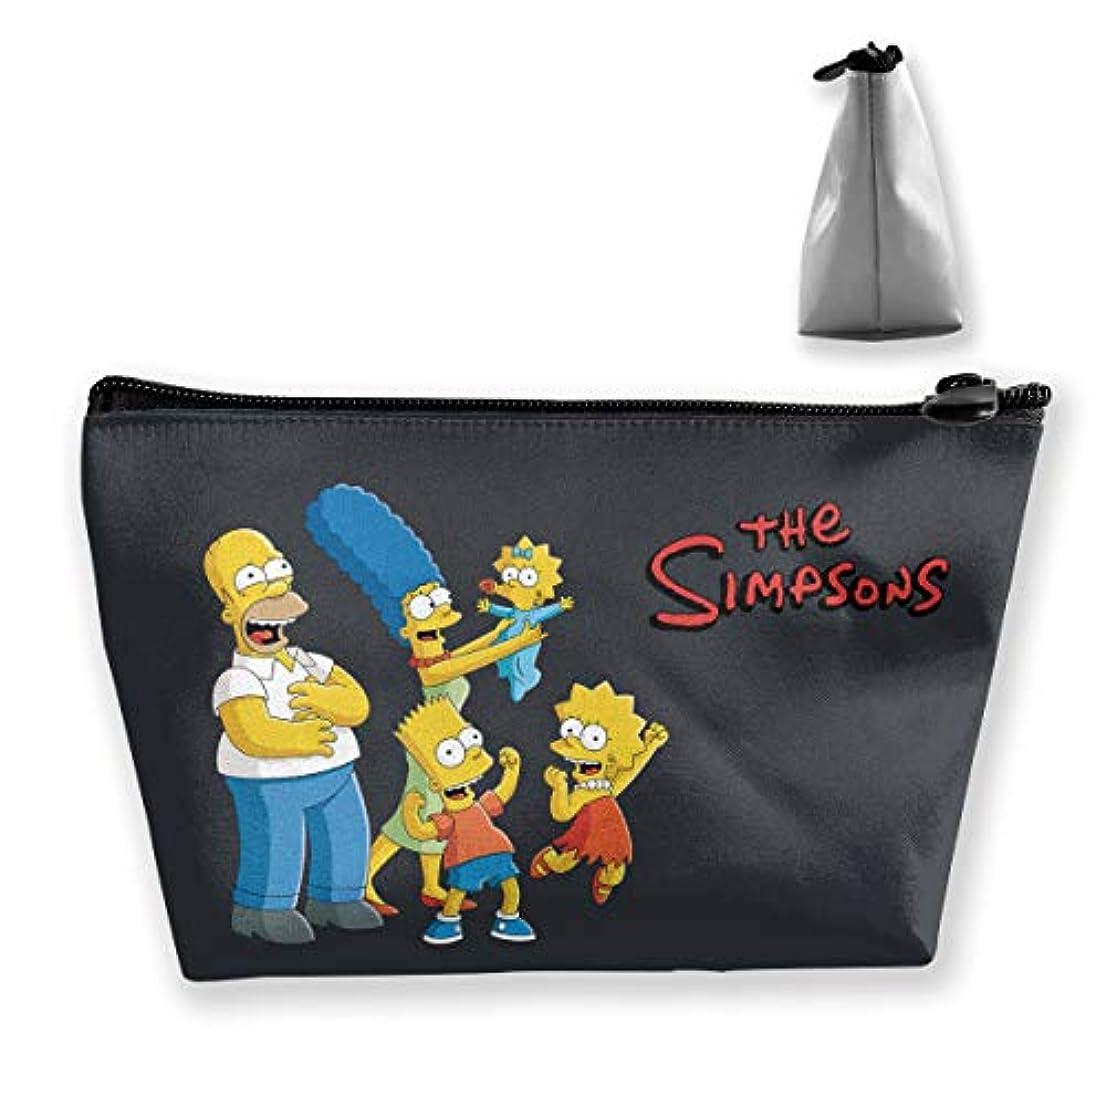 シャーロットブロンテに向けて出発悪因子DSM_TXSND ザ シンプソンズ Simpsons 化粧ポーチ ポーチ 小物入れ 多機能コスメポーチ メイクポーチ 化粧バッグ 化粧品 コスメ収納 便利 収納ポーチ 旅行用 収納ケース 化粧ポーチ